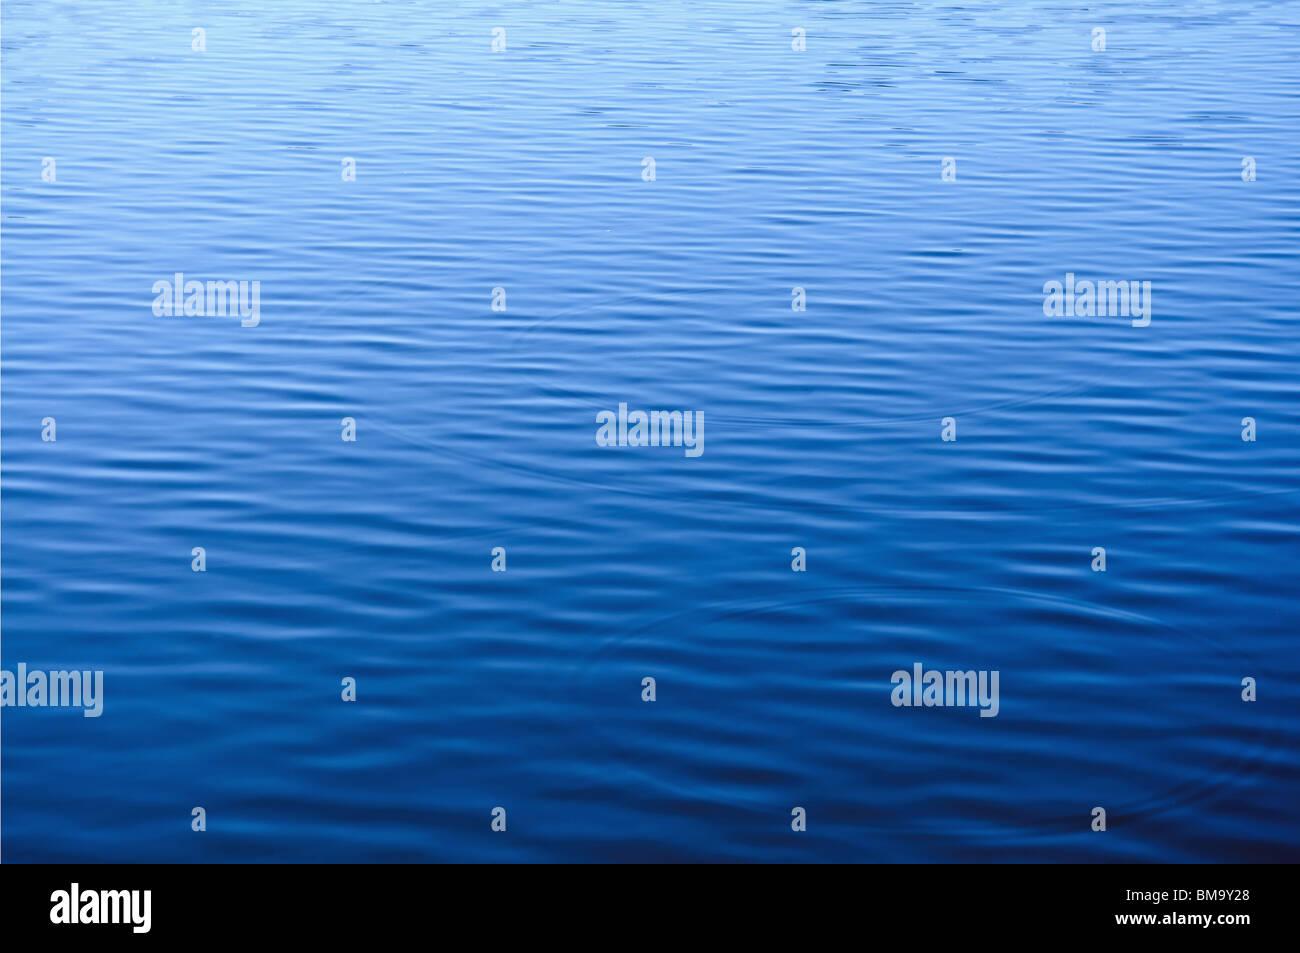 La surface de l'eau bleu avec petites vagues Photo Stock